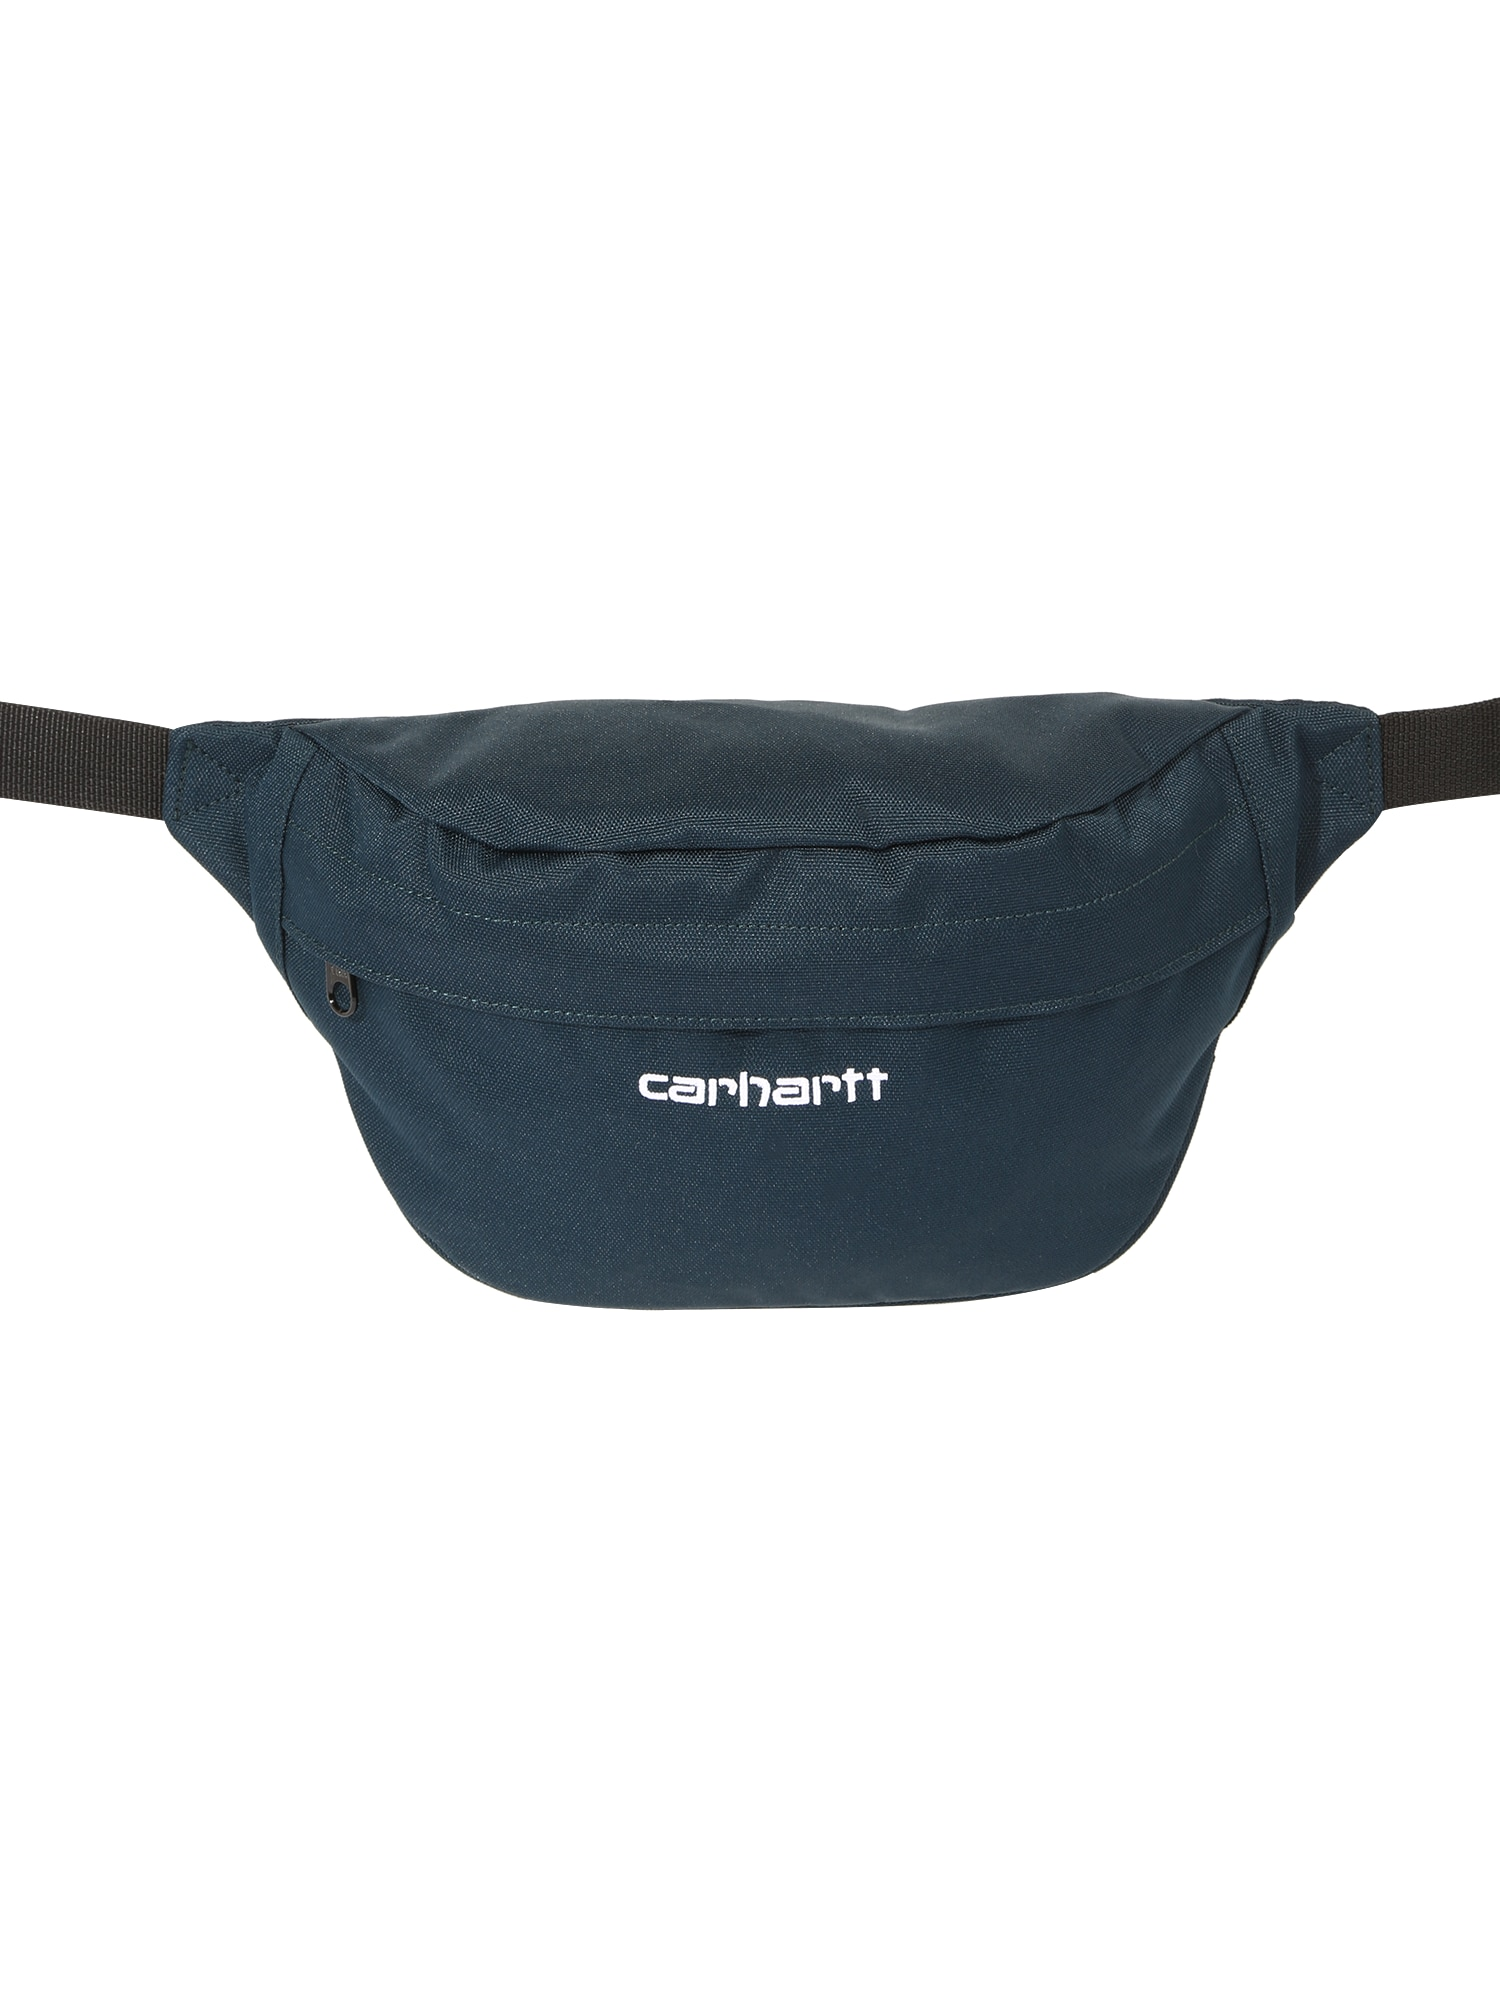 Carhartt WIP Rankinė ant juosmens 'Payton' balta / tamsiai mėlyna jūros spalva